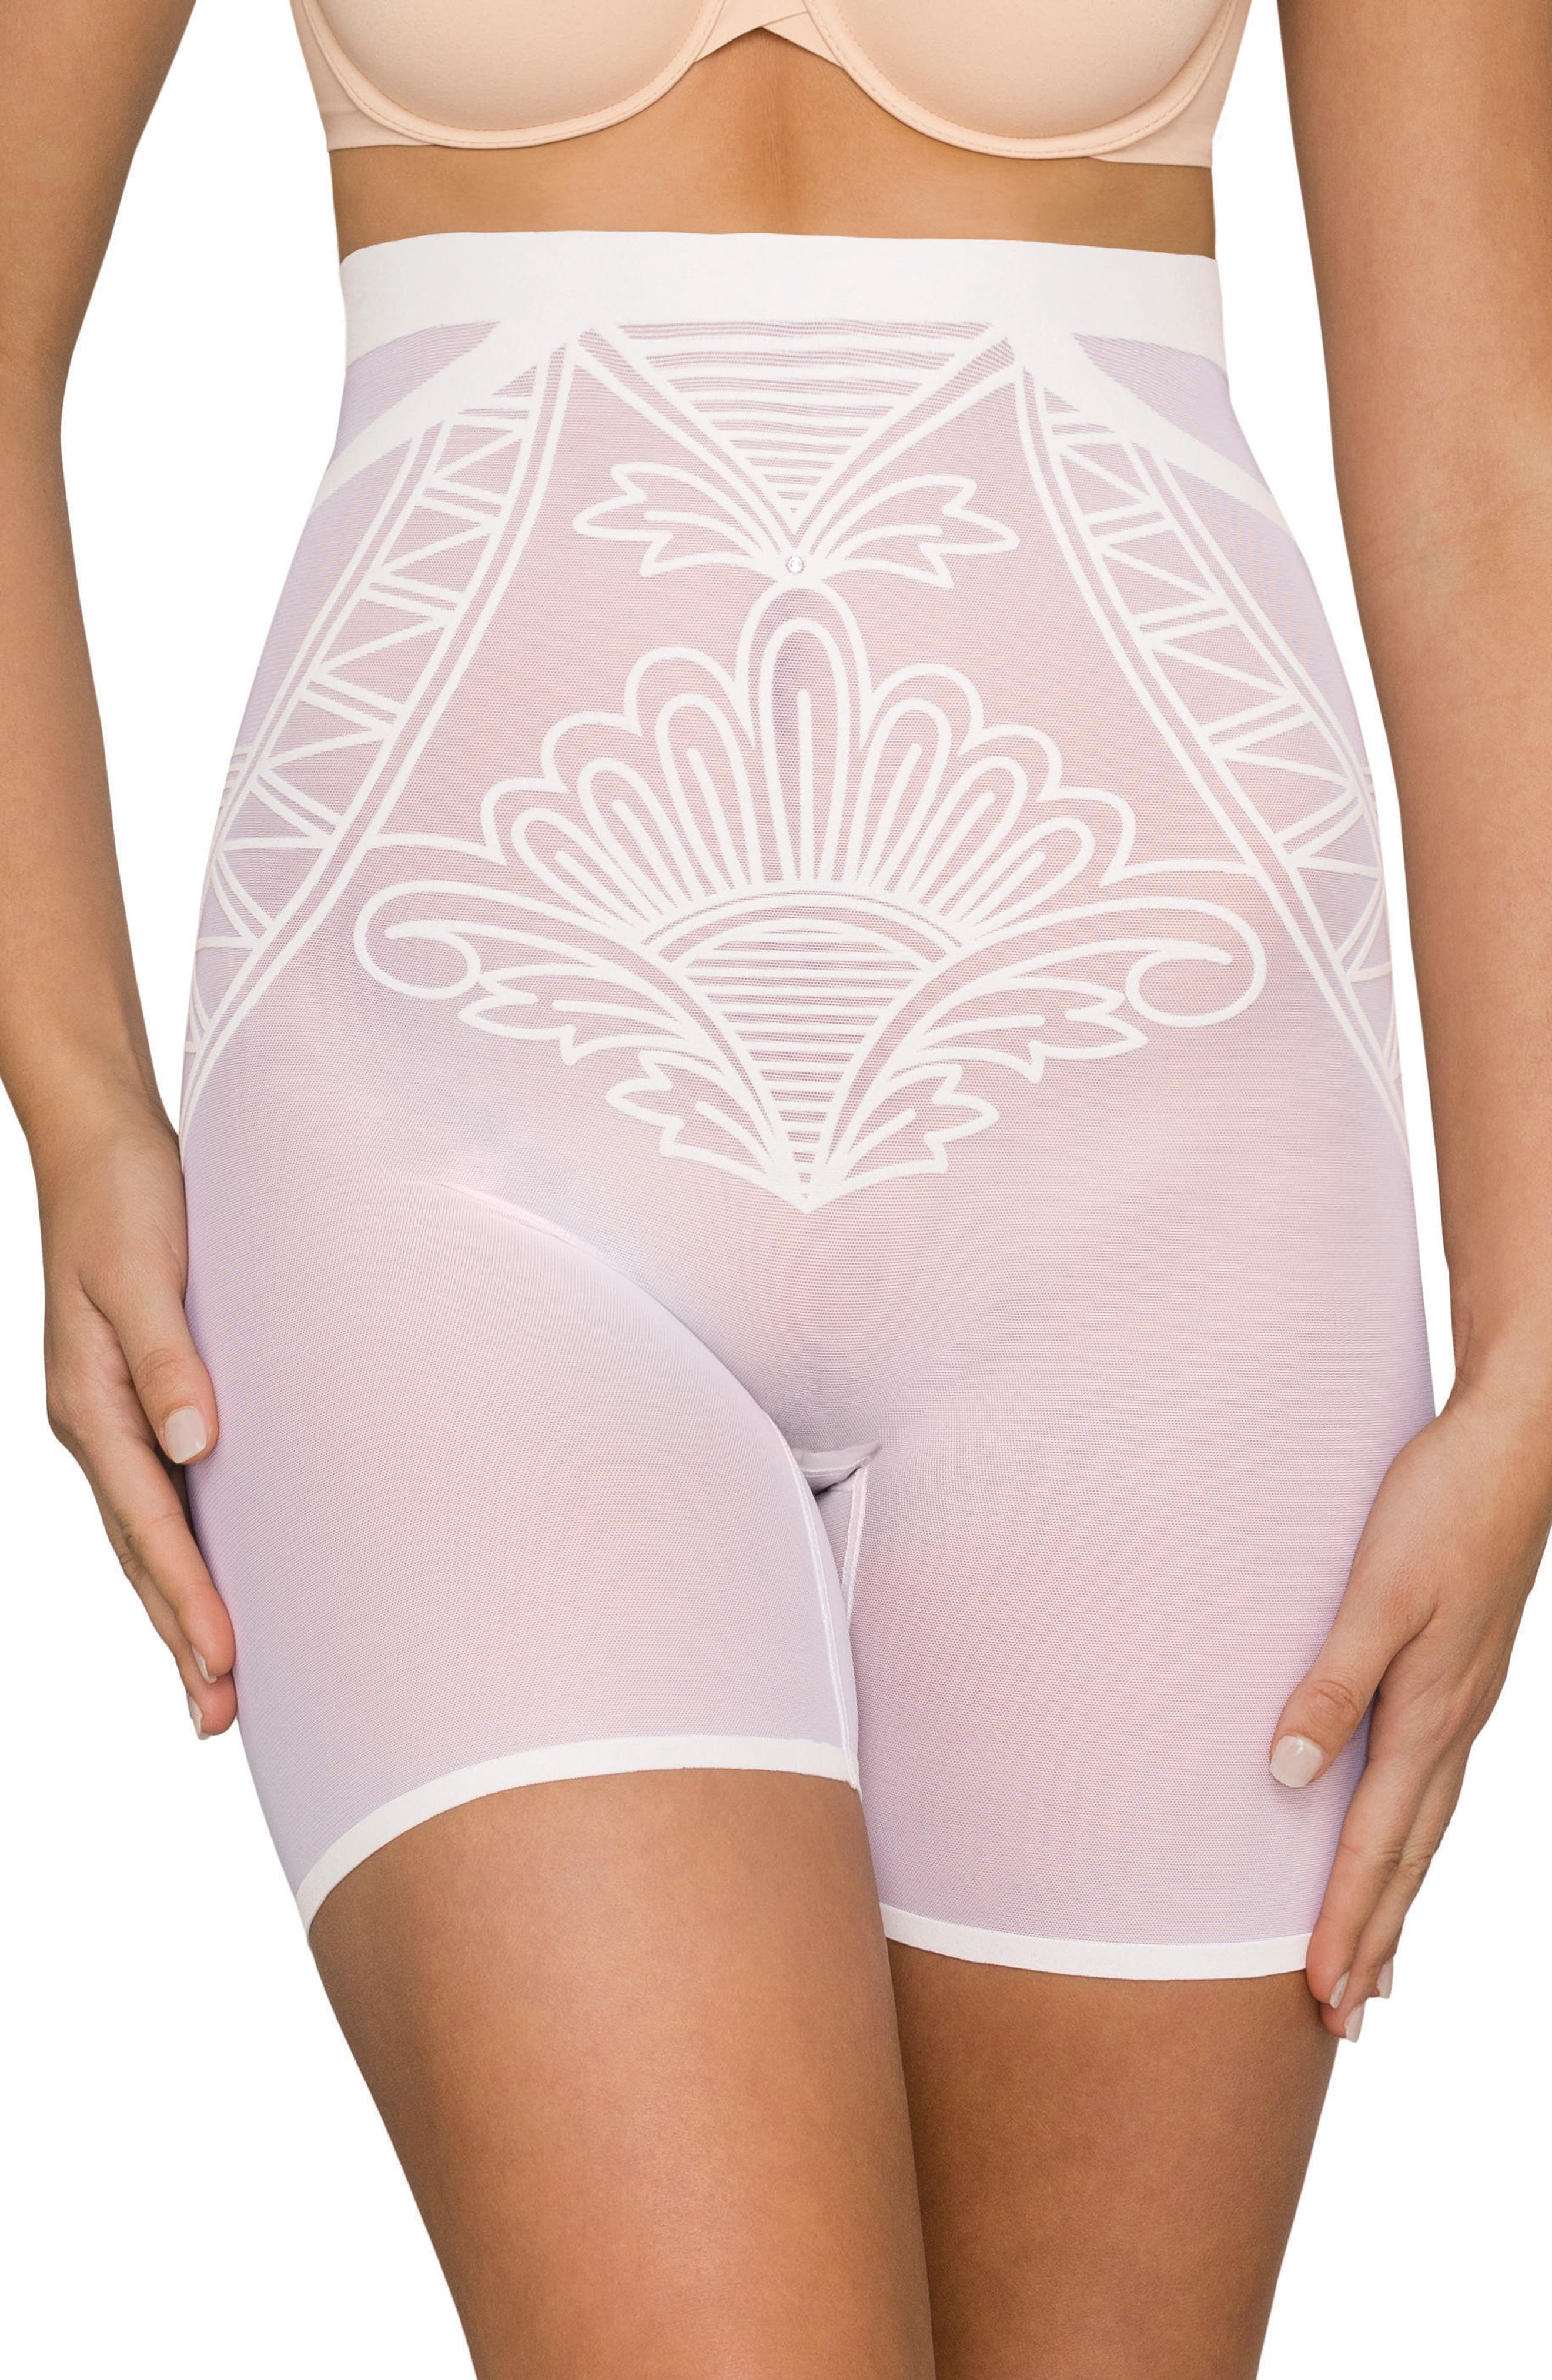 Enchanté High Waist Shaper Shorts,                             Main thumbnail 1, color,                             Frost